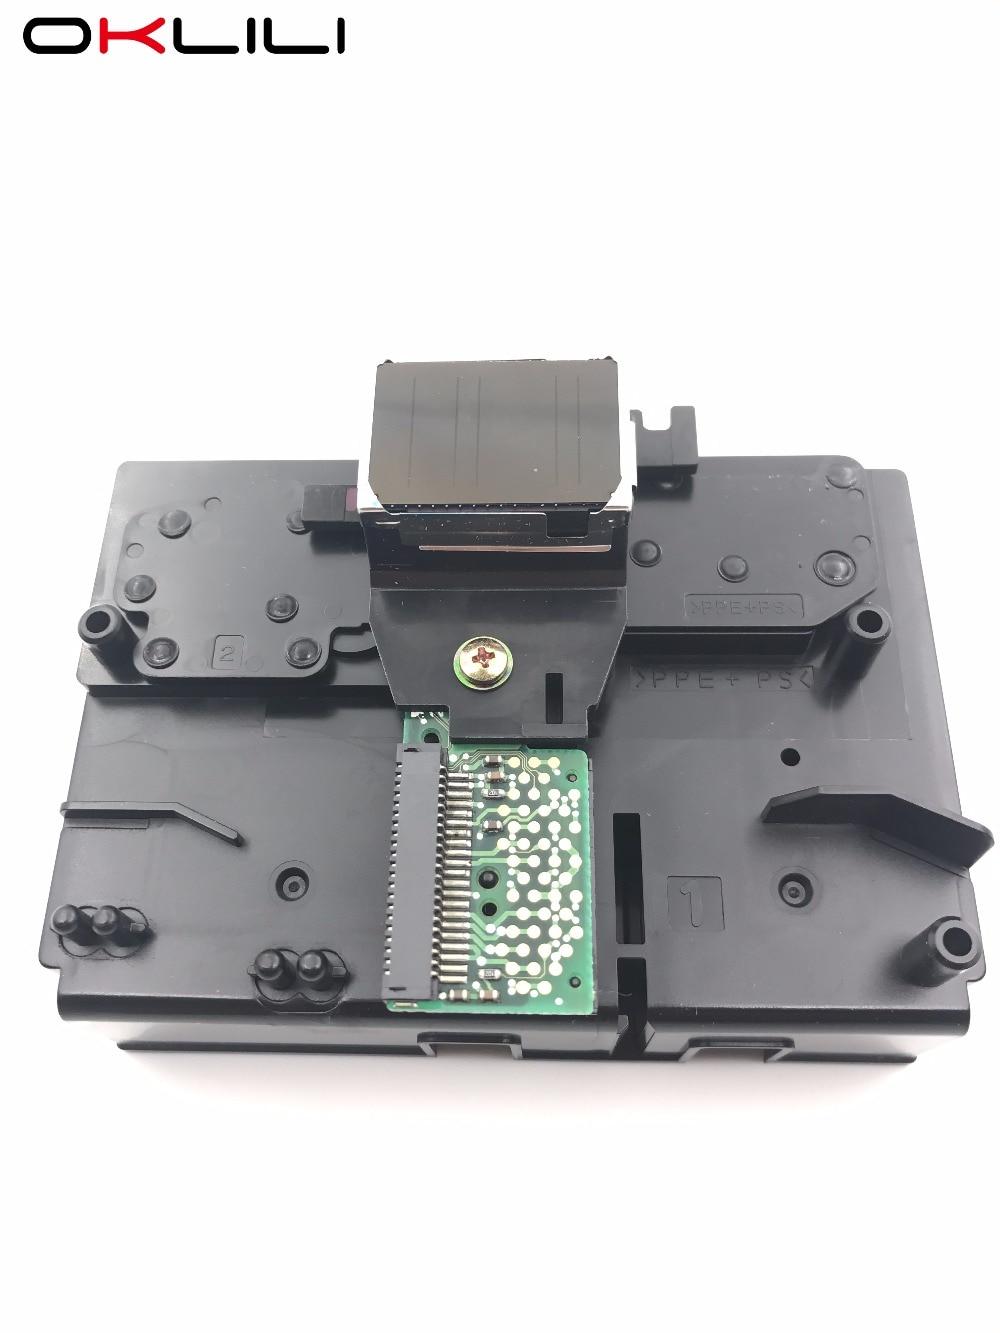 F072000 Tête D'impression Tête D'impression Tête D'impression pour Epson Stylus Color 900 DX3 900G 900N 980 980N pour Roland DX3 FJ500 FJ600